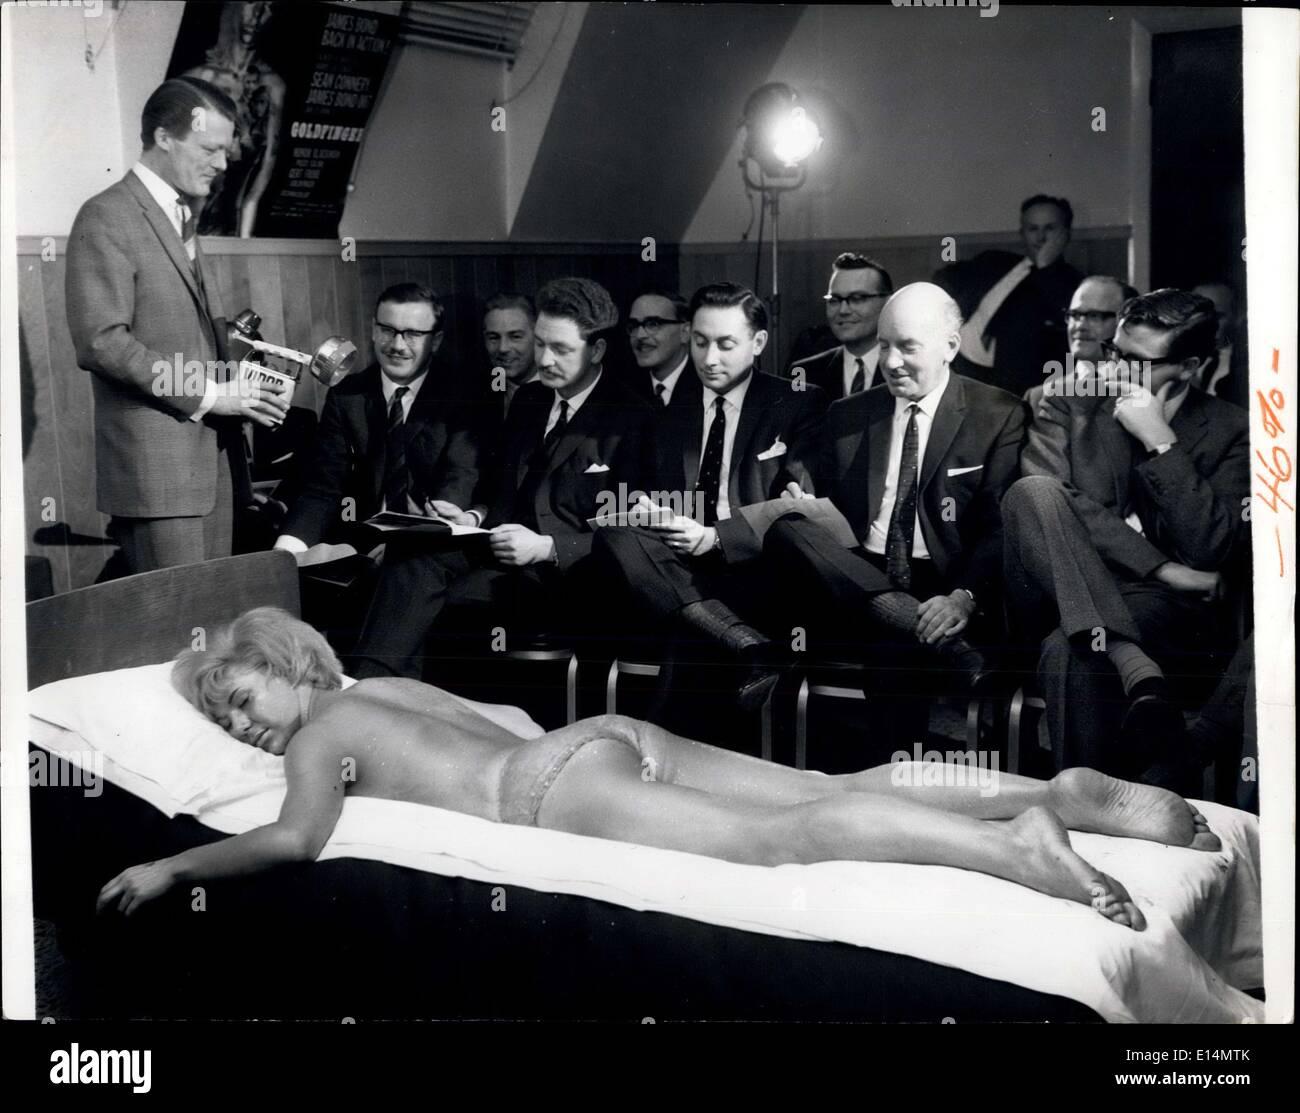 Avril 05, 2012 - ''Bond Femme'' un peu d'éclat à la Conférence d'affaires absolument merveilleux pour les yeux fatigués: conférences d'affaires et ''Pep'' parle pour les commerciaux sont généralement aussi sec-comme-poussière et très uninter esting. Mais-pas si la conférence tenue récemment par une batterie bien connu Company à Londres. l'administration a réuni les chefs d'entreprises du district pour une conférence et une projection du nouveau film de James Bong ''Goldfinger''-auquel leurs produits ont été utilisés Photo Stock